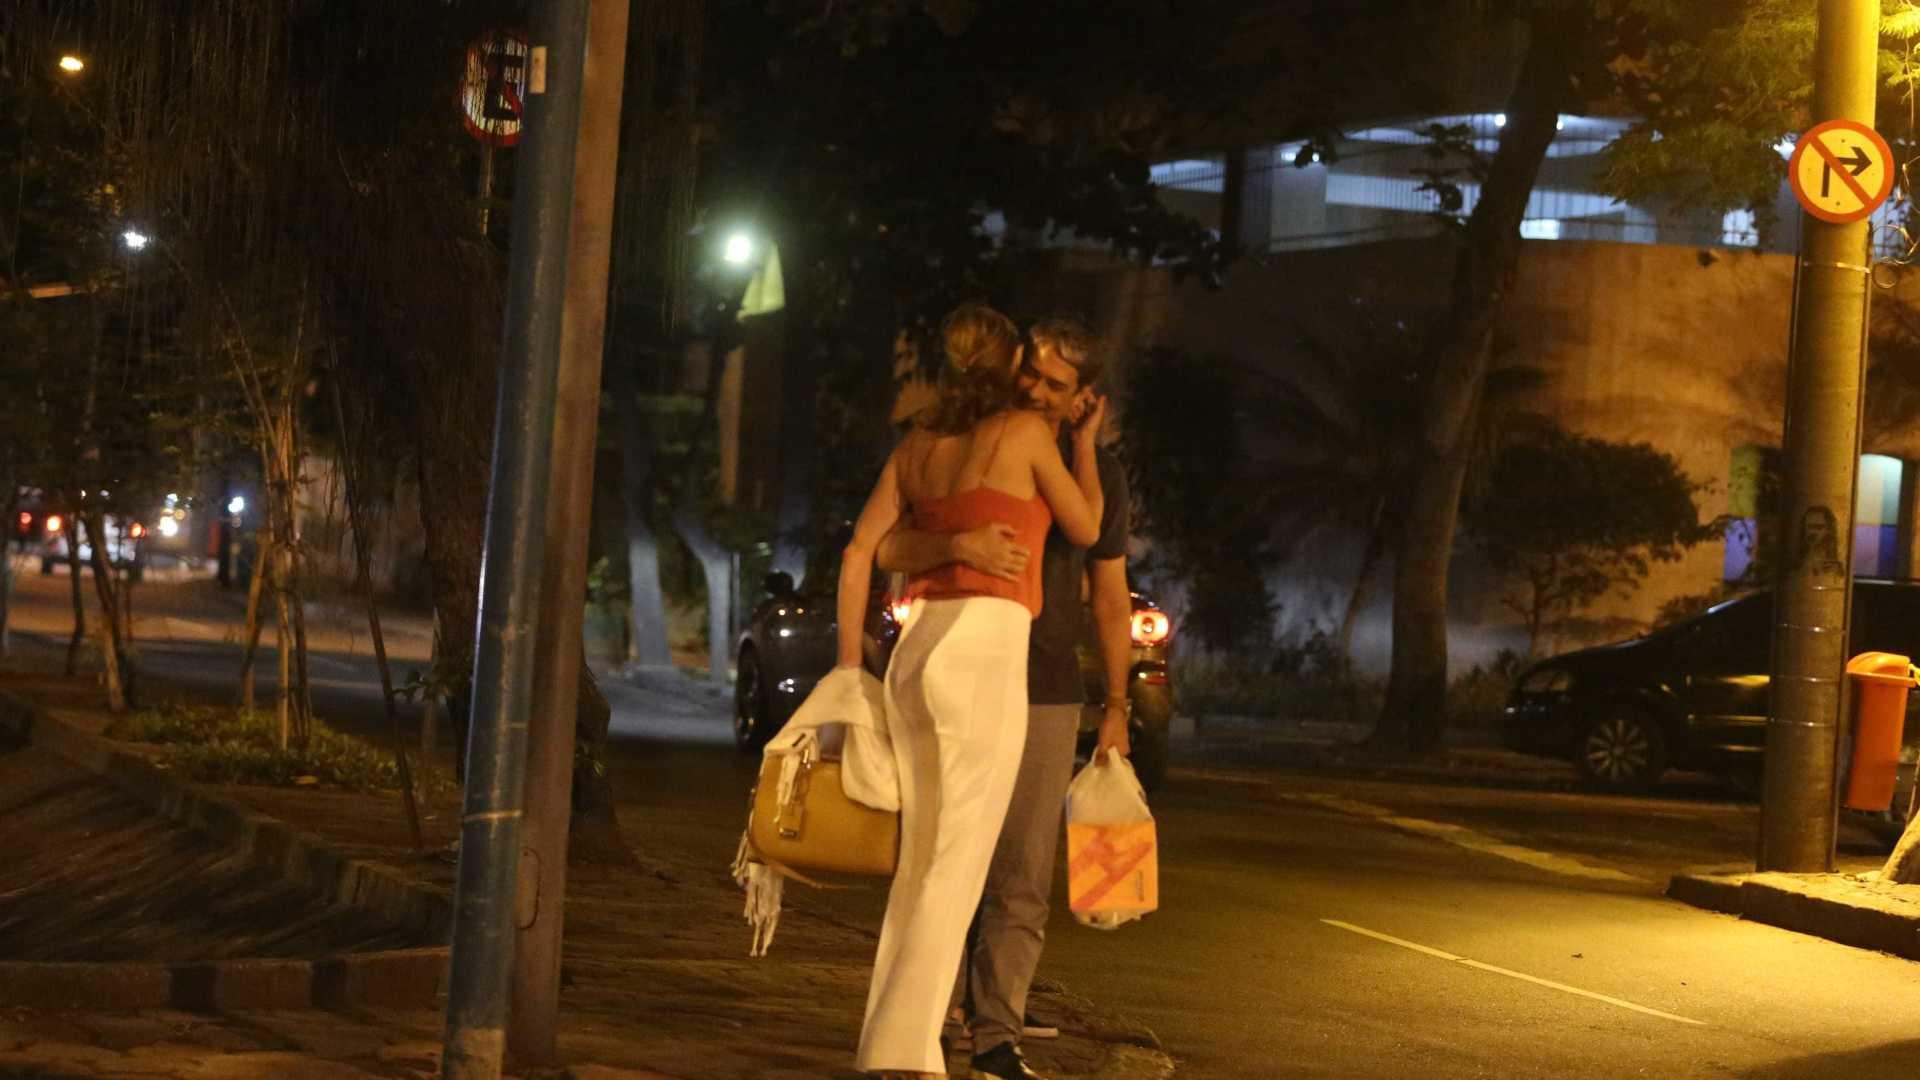 naom 5a094d9157572 - William Bonner troca carinhos com a namorada no Rio